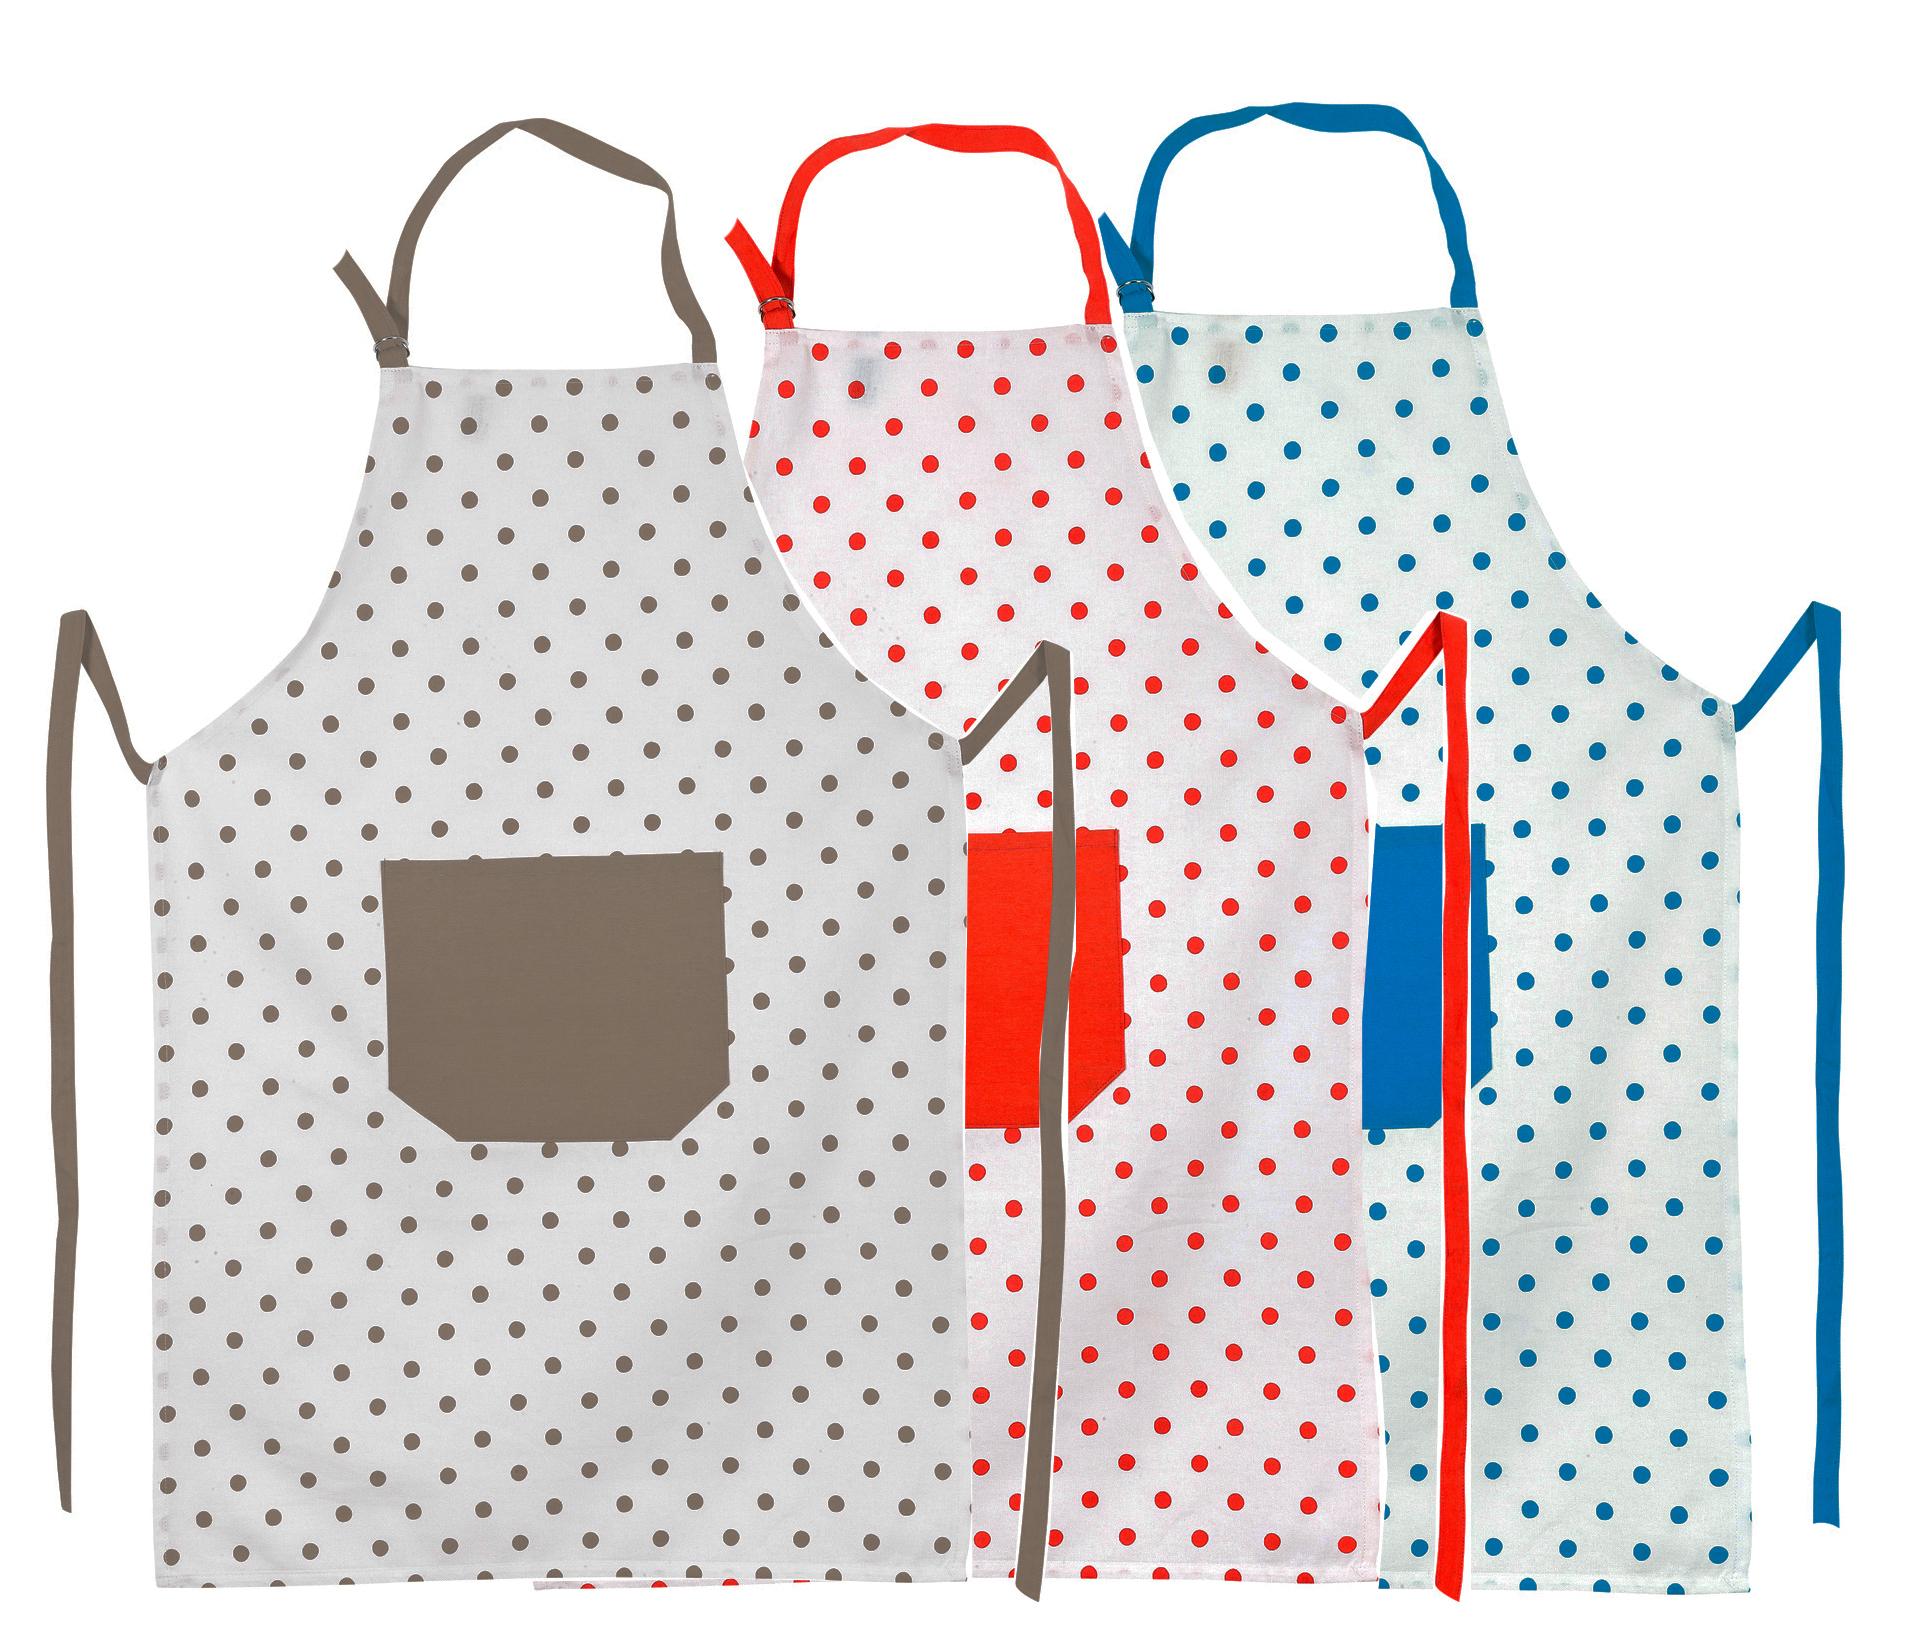 Kuchenschurze Punkte In 3 Farben 100 Baumwolle Mit Taschen Latzschurzen Schurzen Schurzenshop Munchen